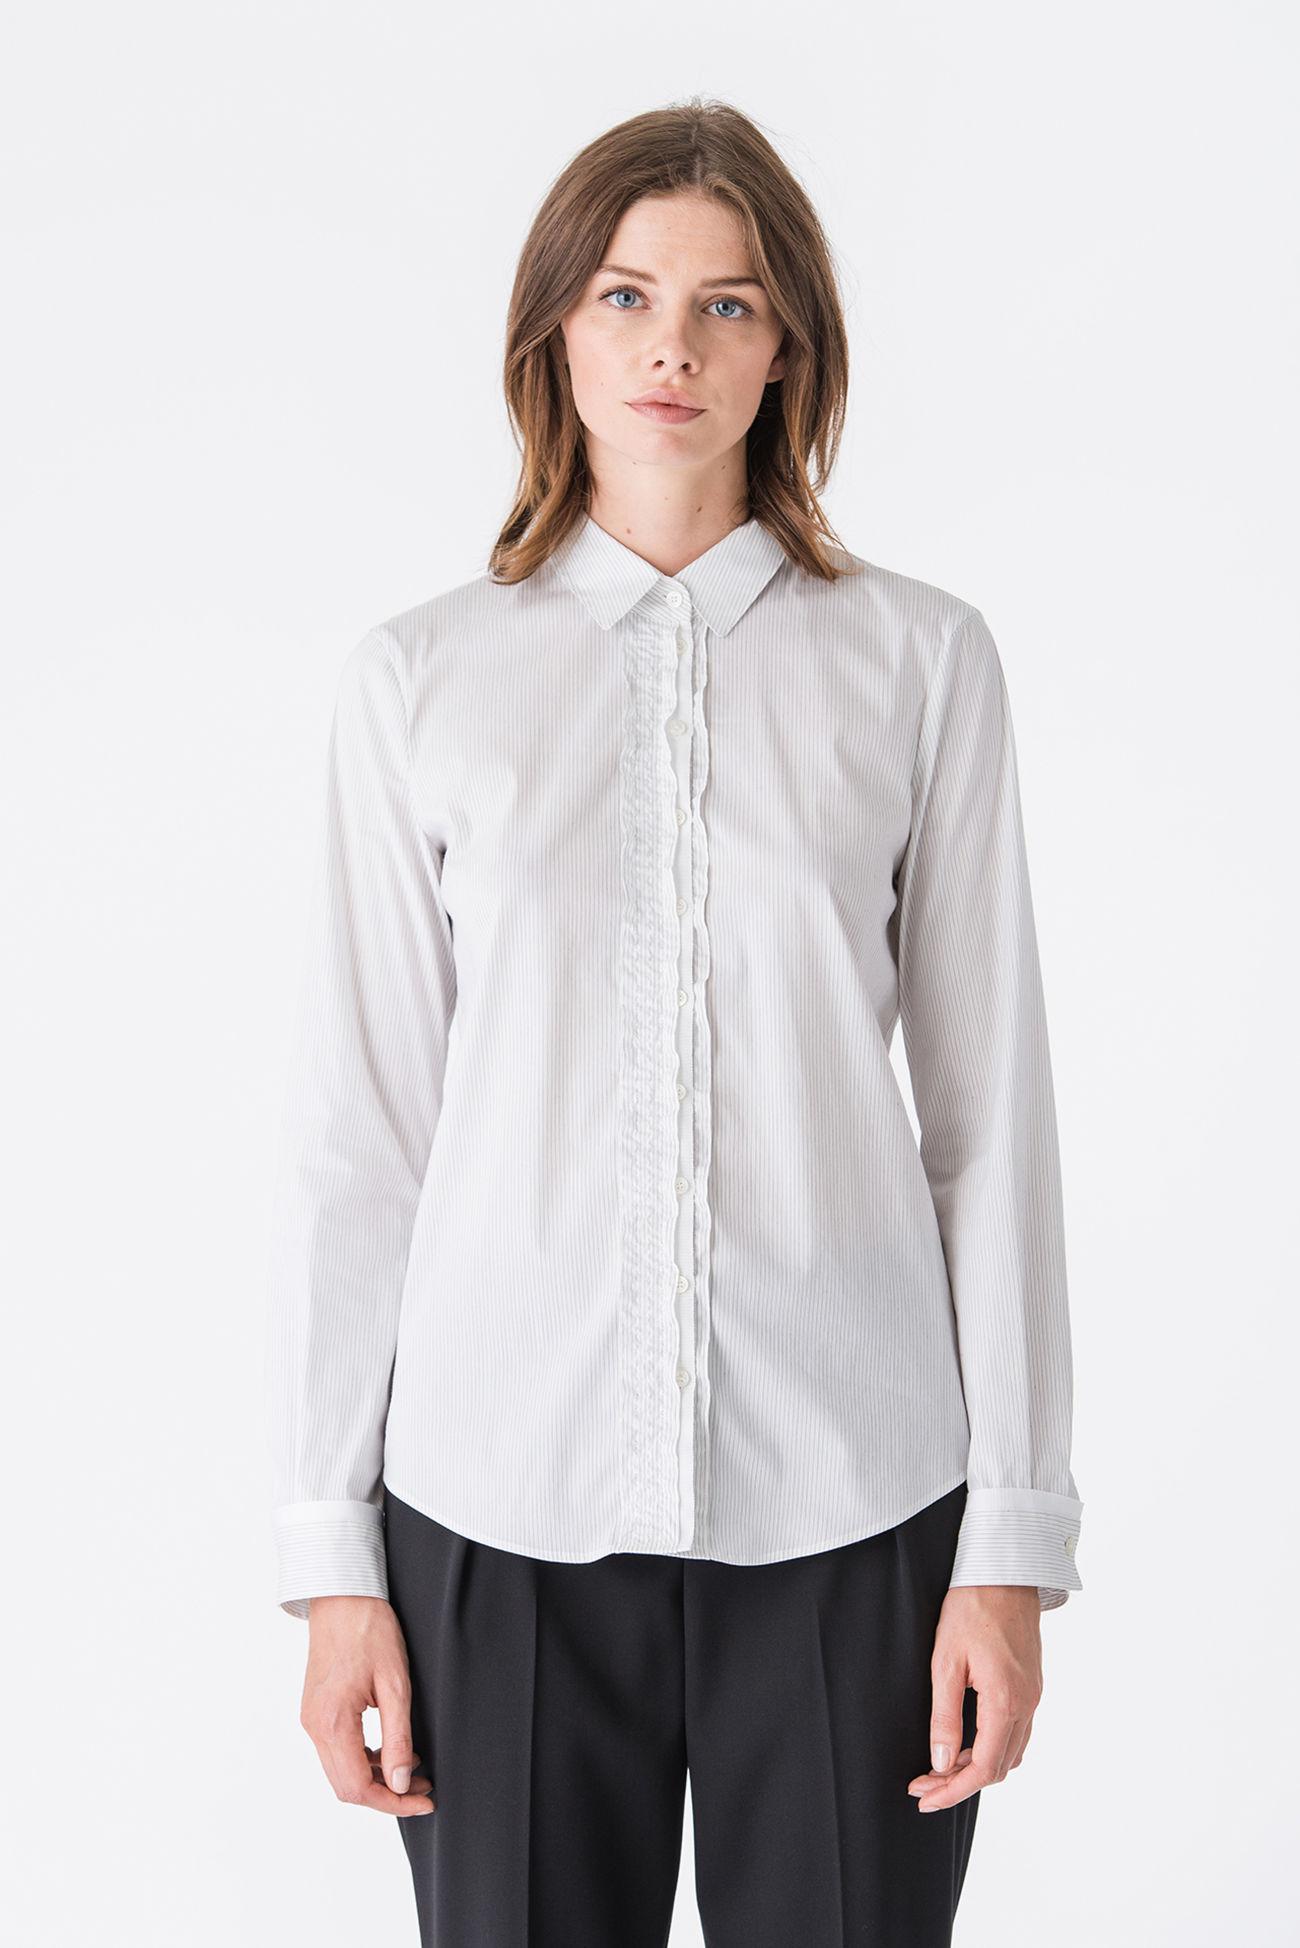 Decorative blouse in pinstripe poplin stretch